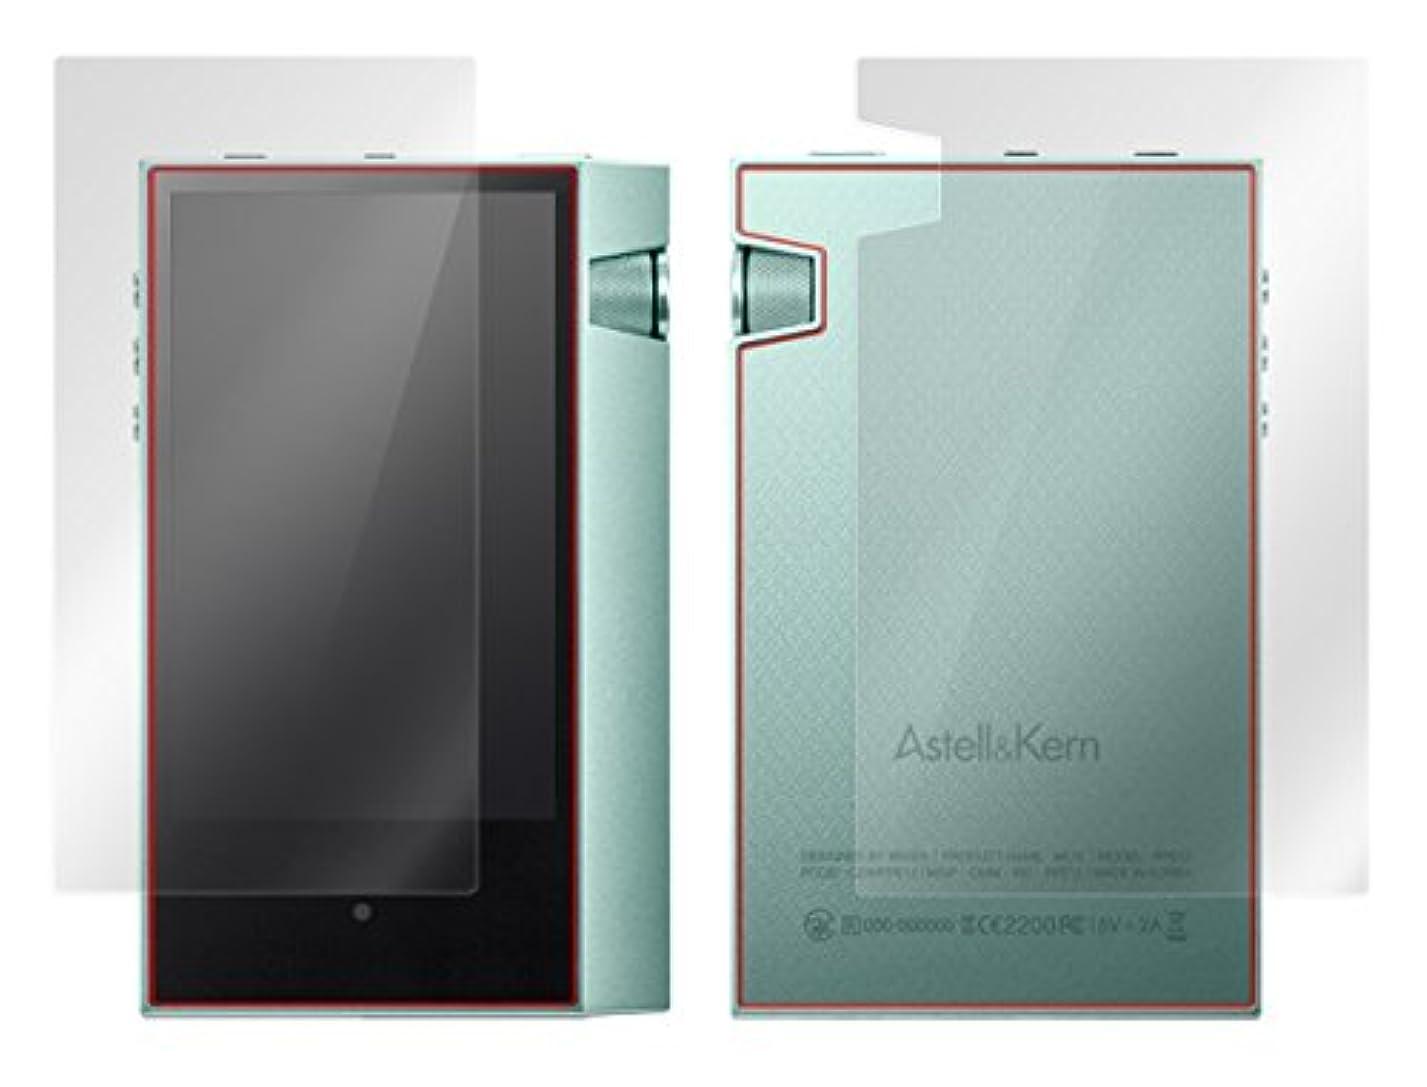 の頭の上捨てる法律により指紋が目立たない 光沢液晶保護フィルム Astell & Kern AK70 『表?裏両面セット』 用 OverLay Brilliant OBAK70/S/12